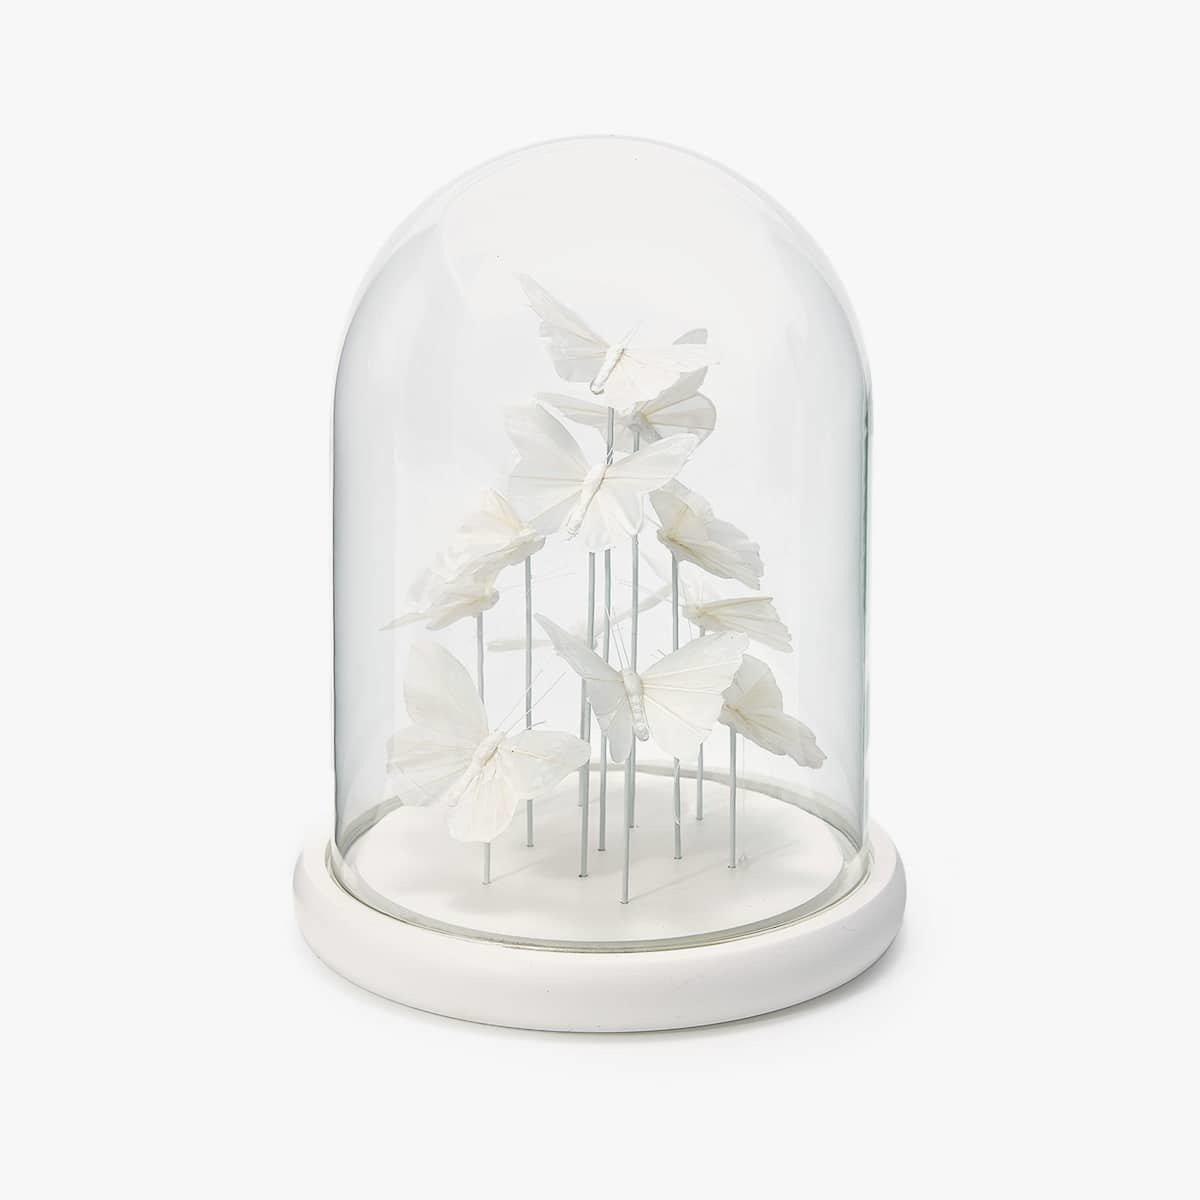 Hochzeitsdeko: mit Glasglocke dekorieren